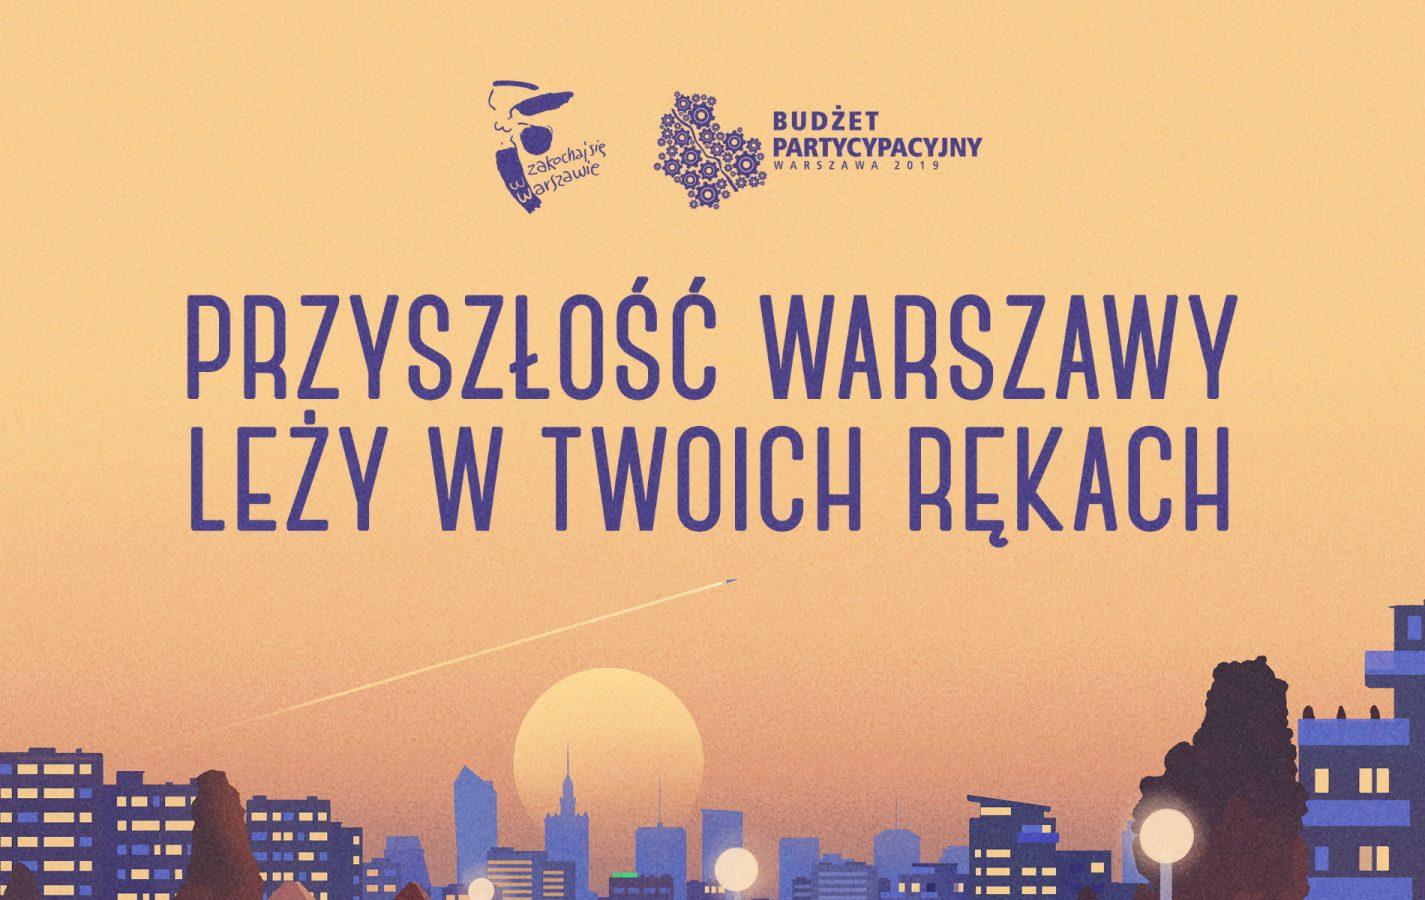 Nowe zasady budżetu obywatelskiego w Warszawie